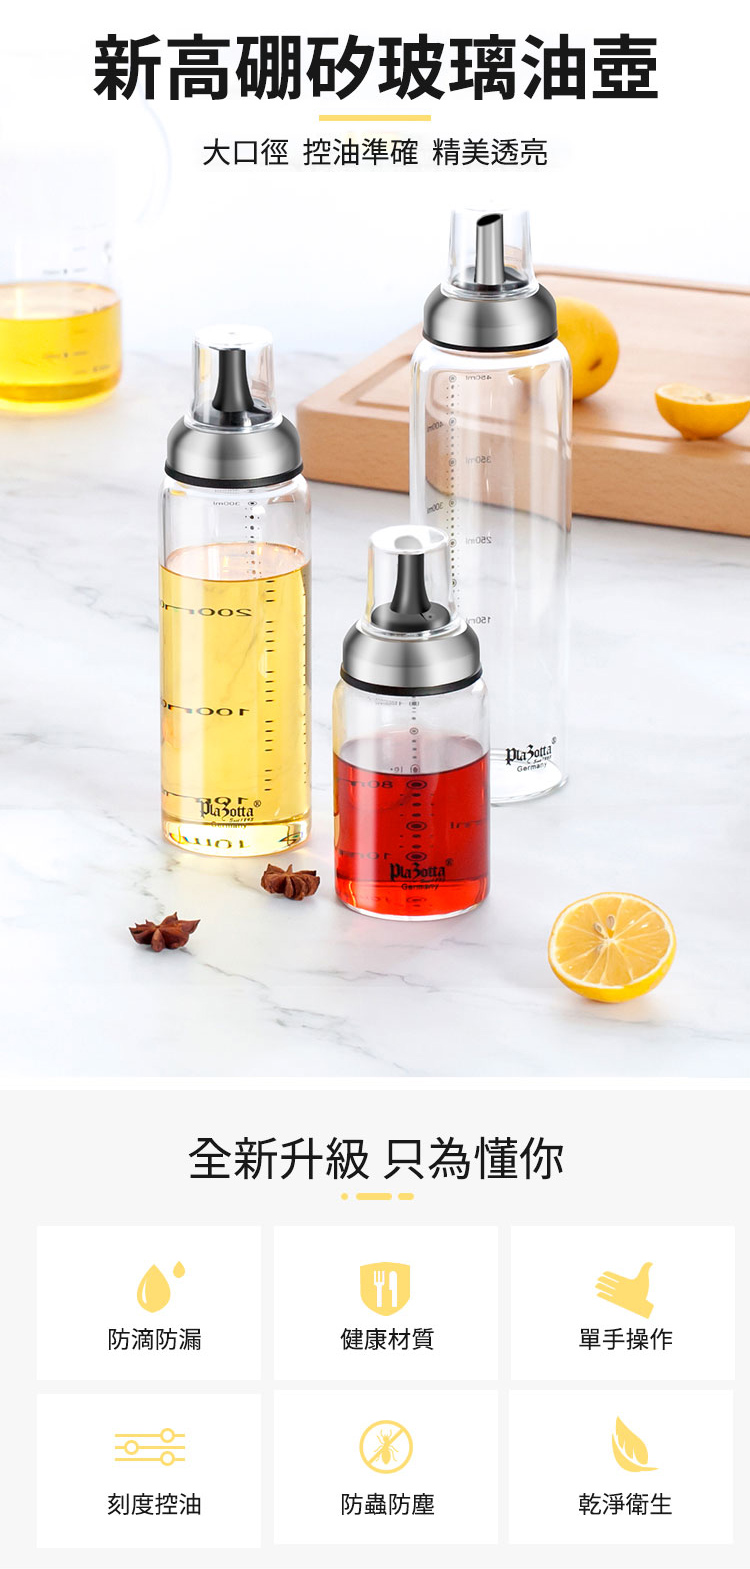 德國 Plazotta 高硼矽玻璃油壺 (三種尺寸)